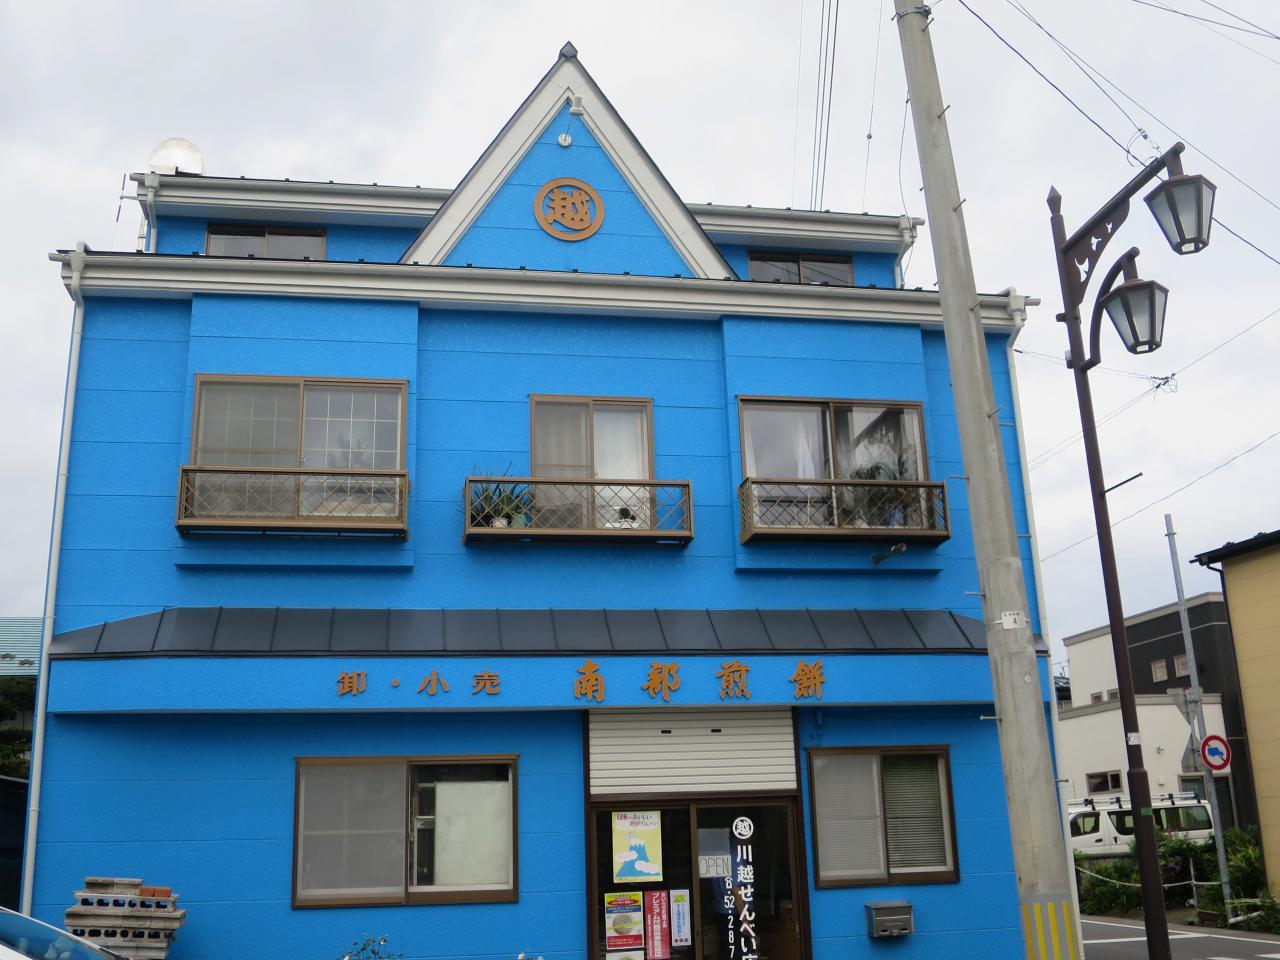 画像: 明治6年創業にして日本最古の南部せんべい店。青い外観が印象的